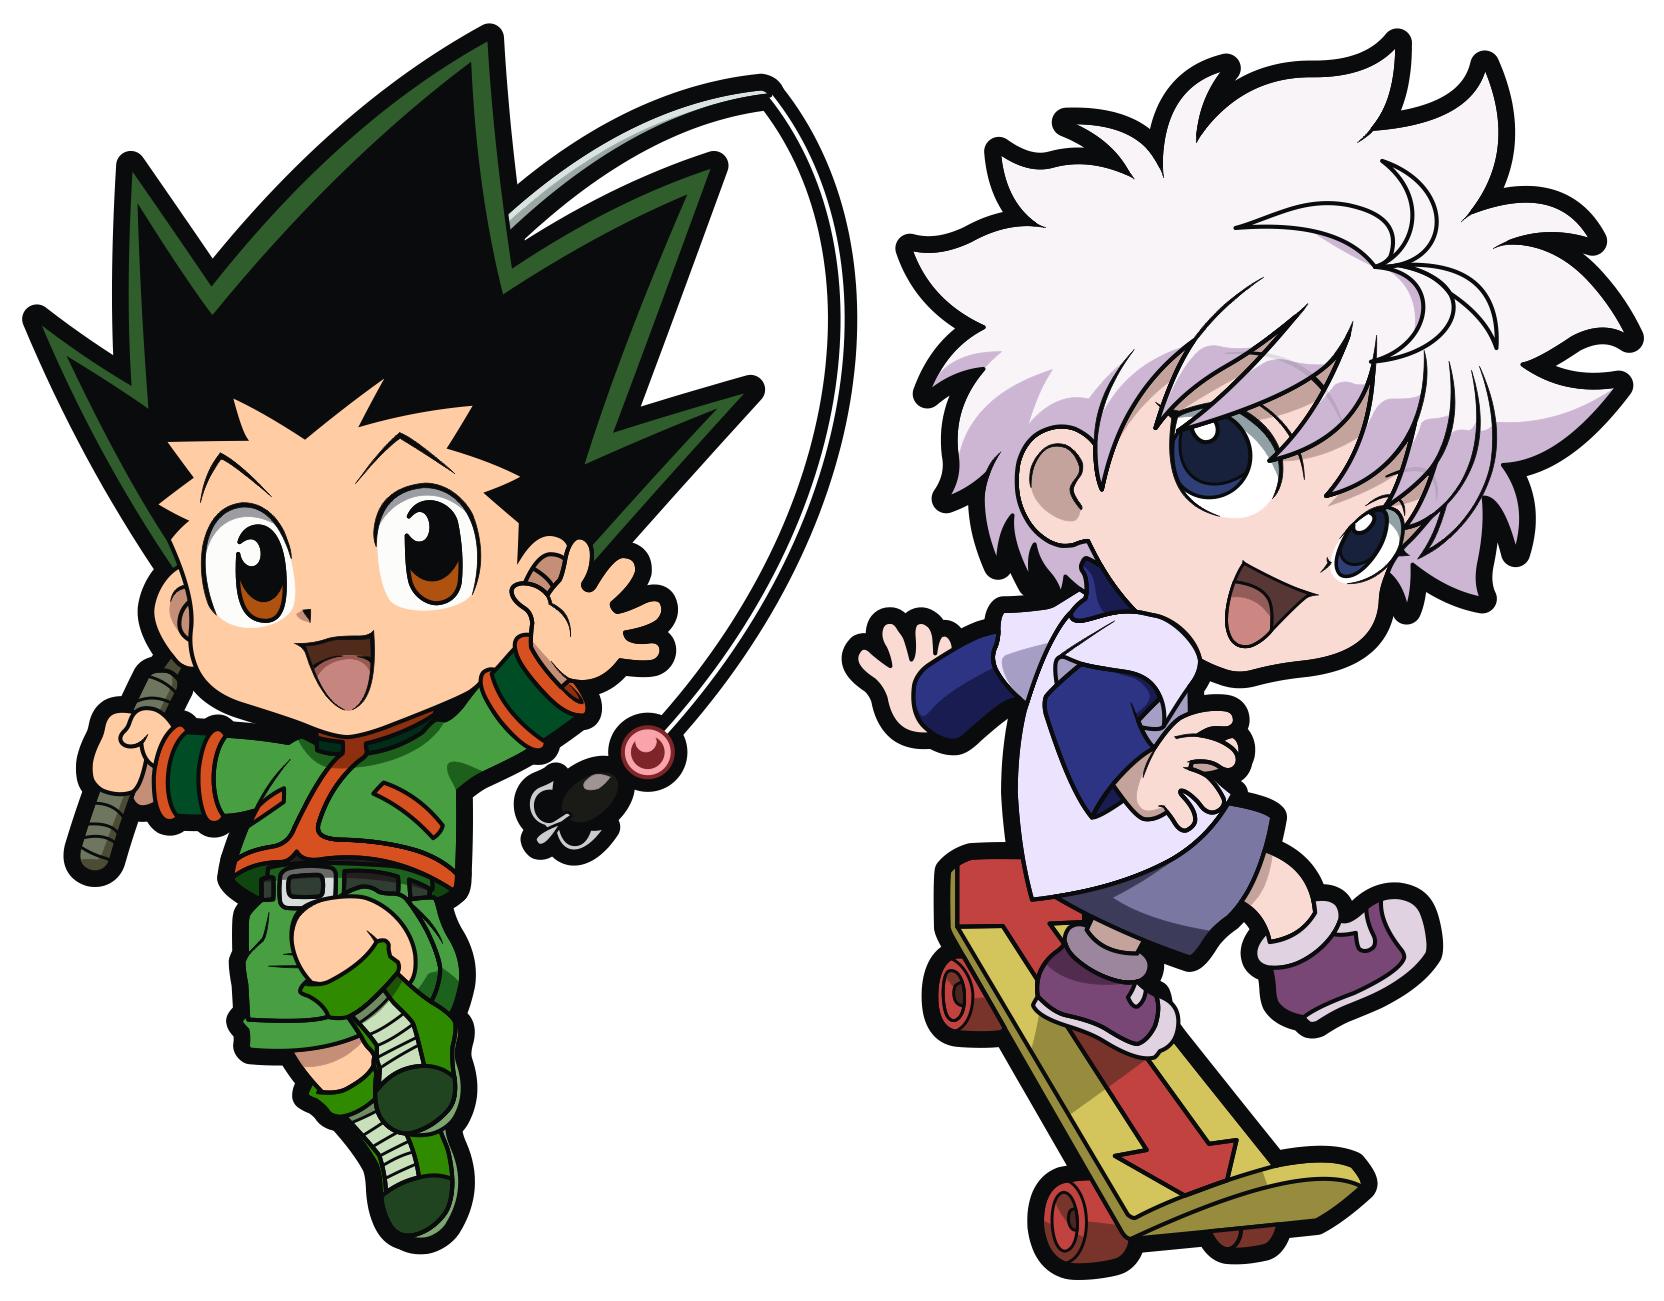 Anime Fans For Anime Fans Hunter anime, Hunter x hunter